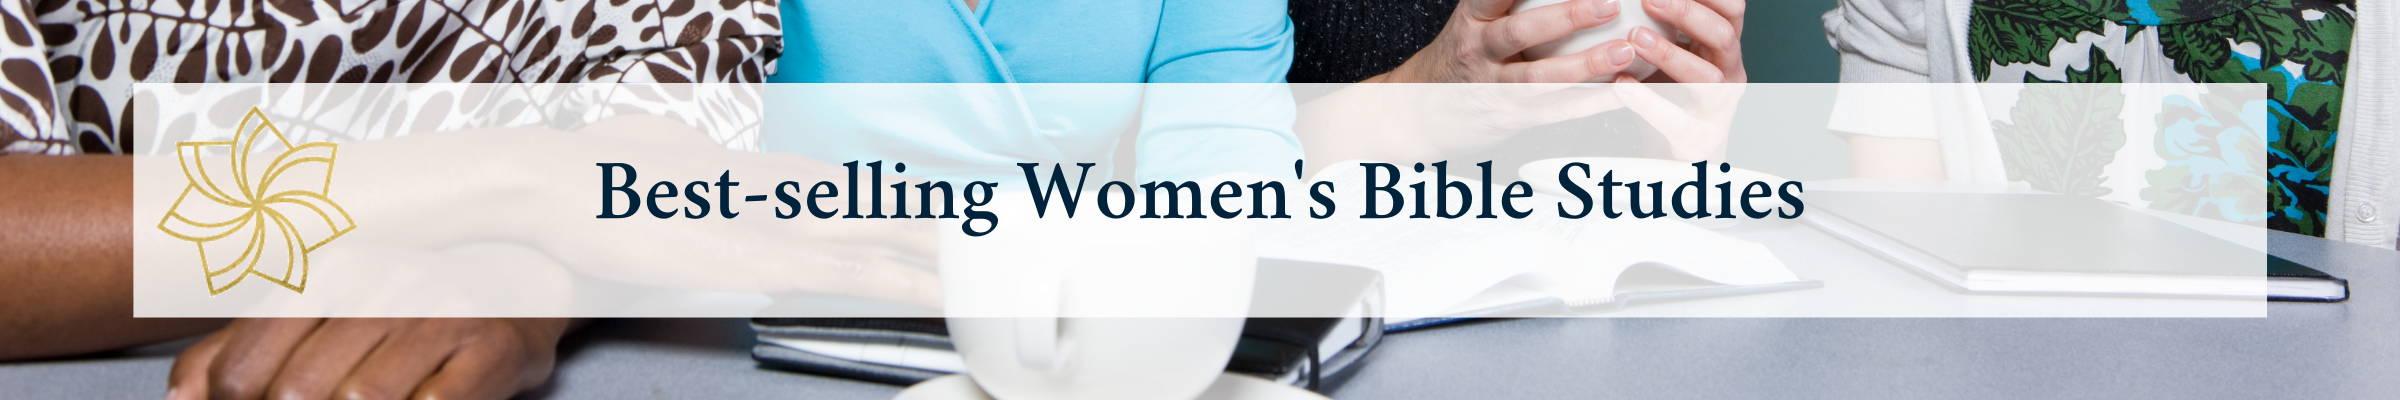 Best-selling Women's Bible Studies